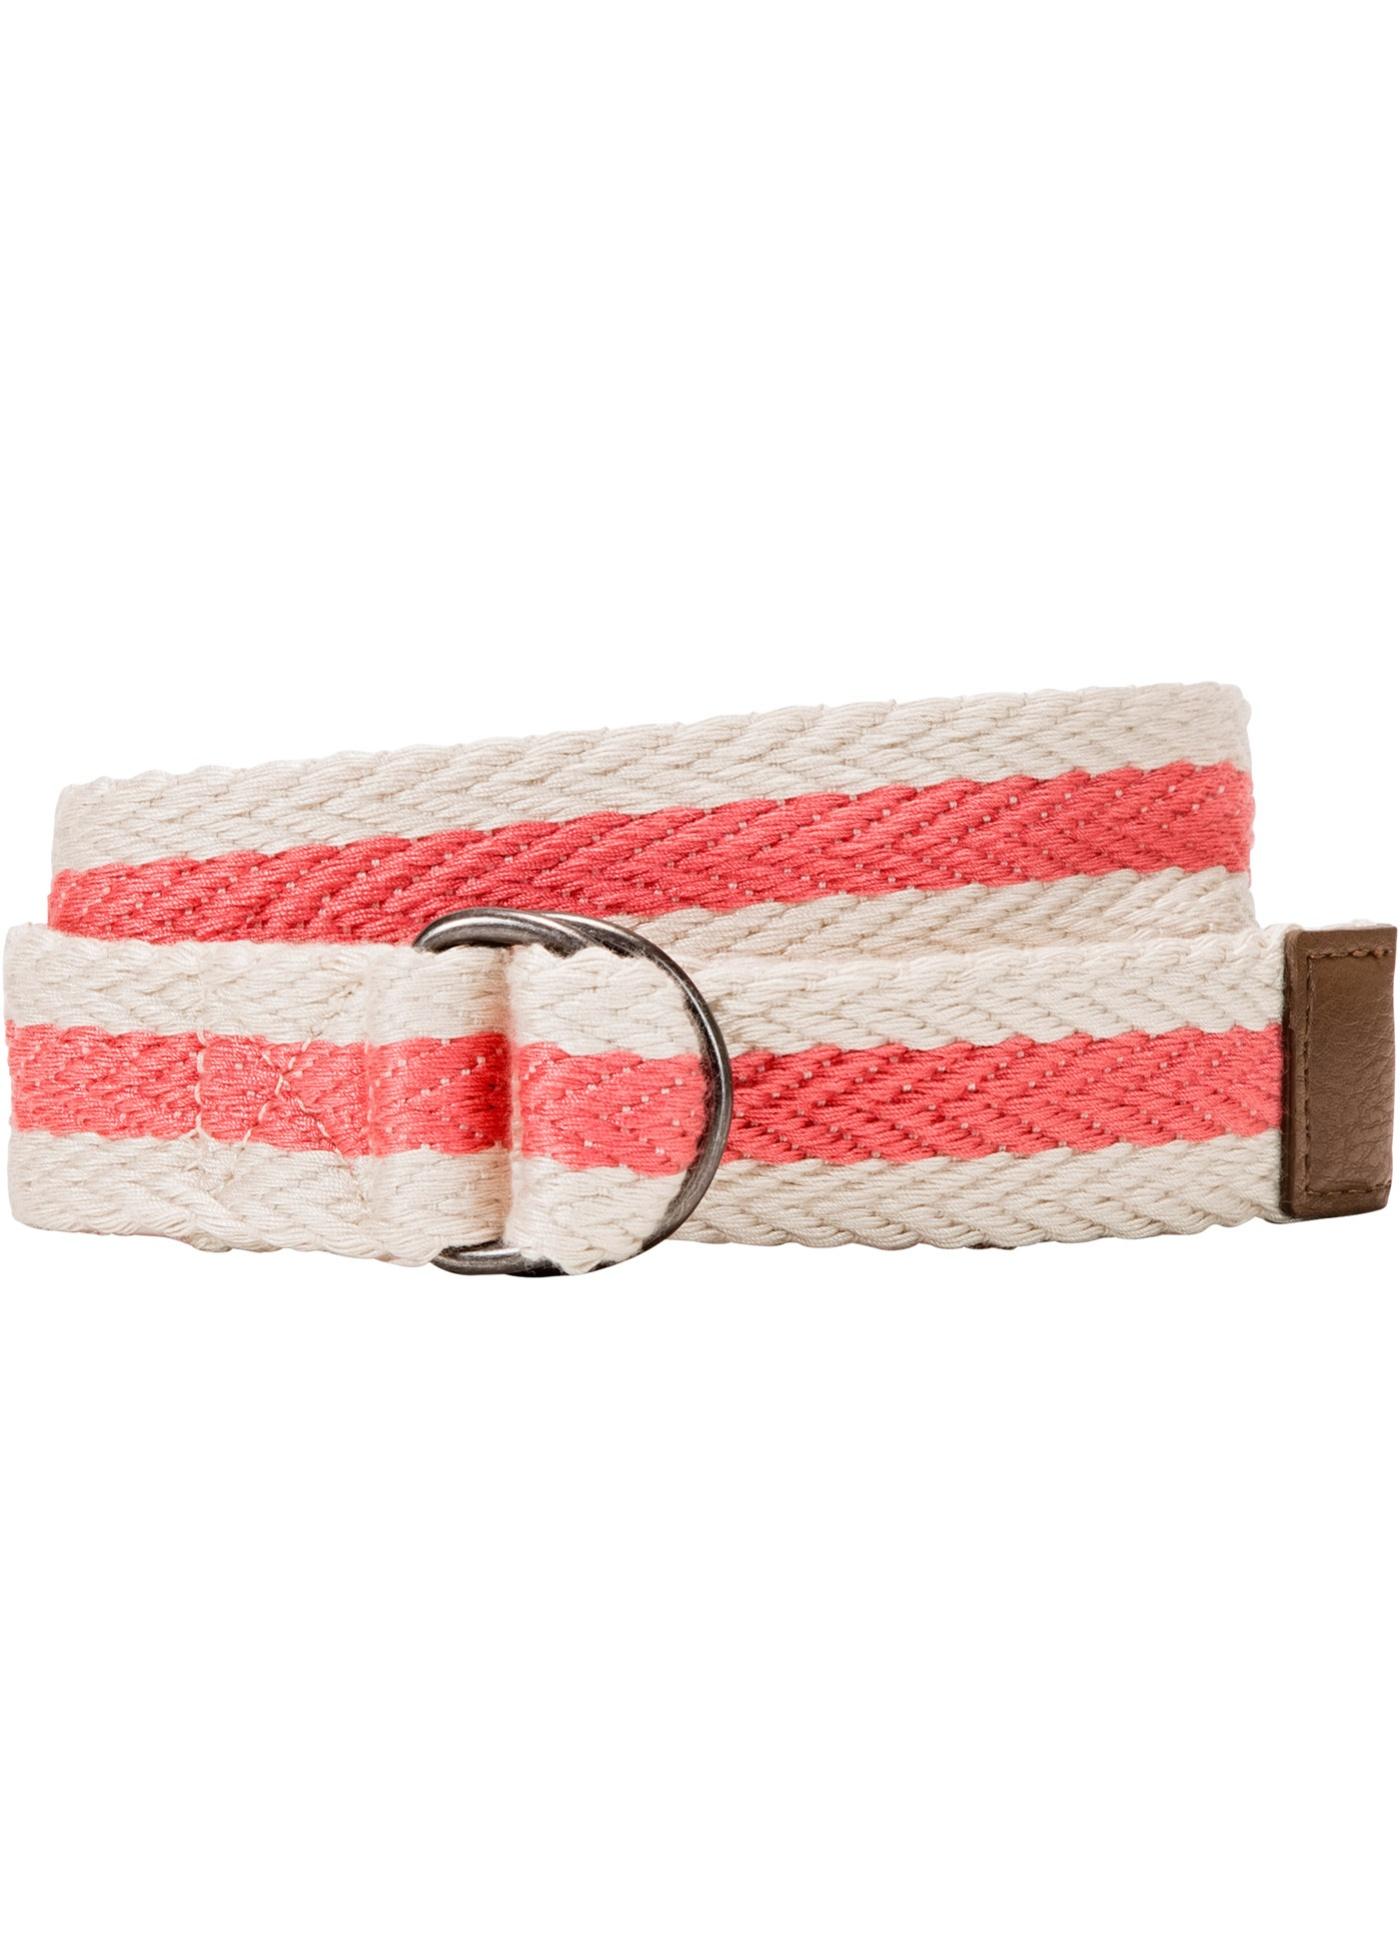 Cintura in cotone a righe